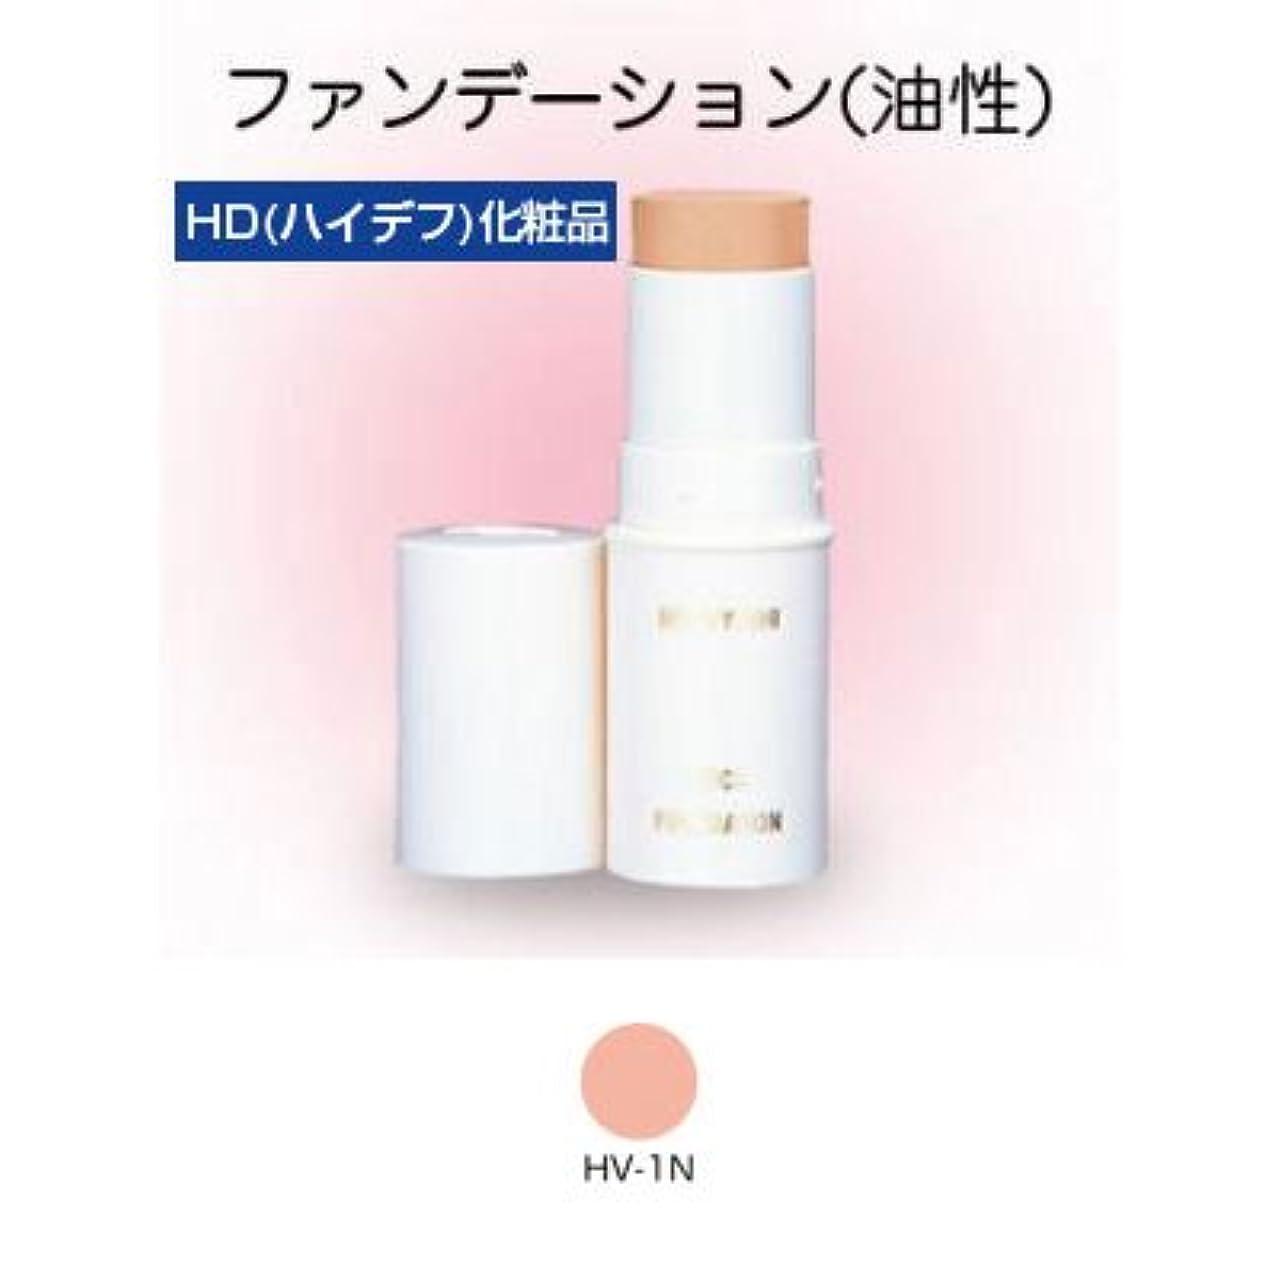 アコー効果的免疫するスティックファンデーション HD化粧品 17g 1NY 【三善】